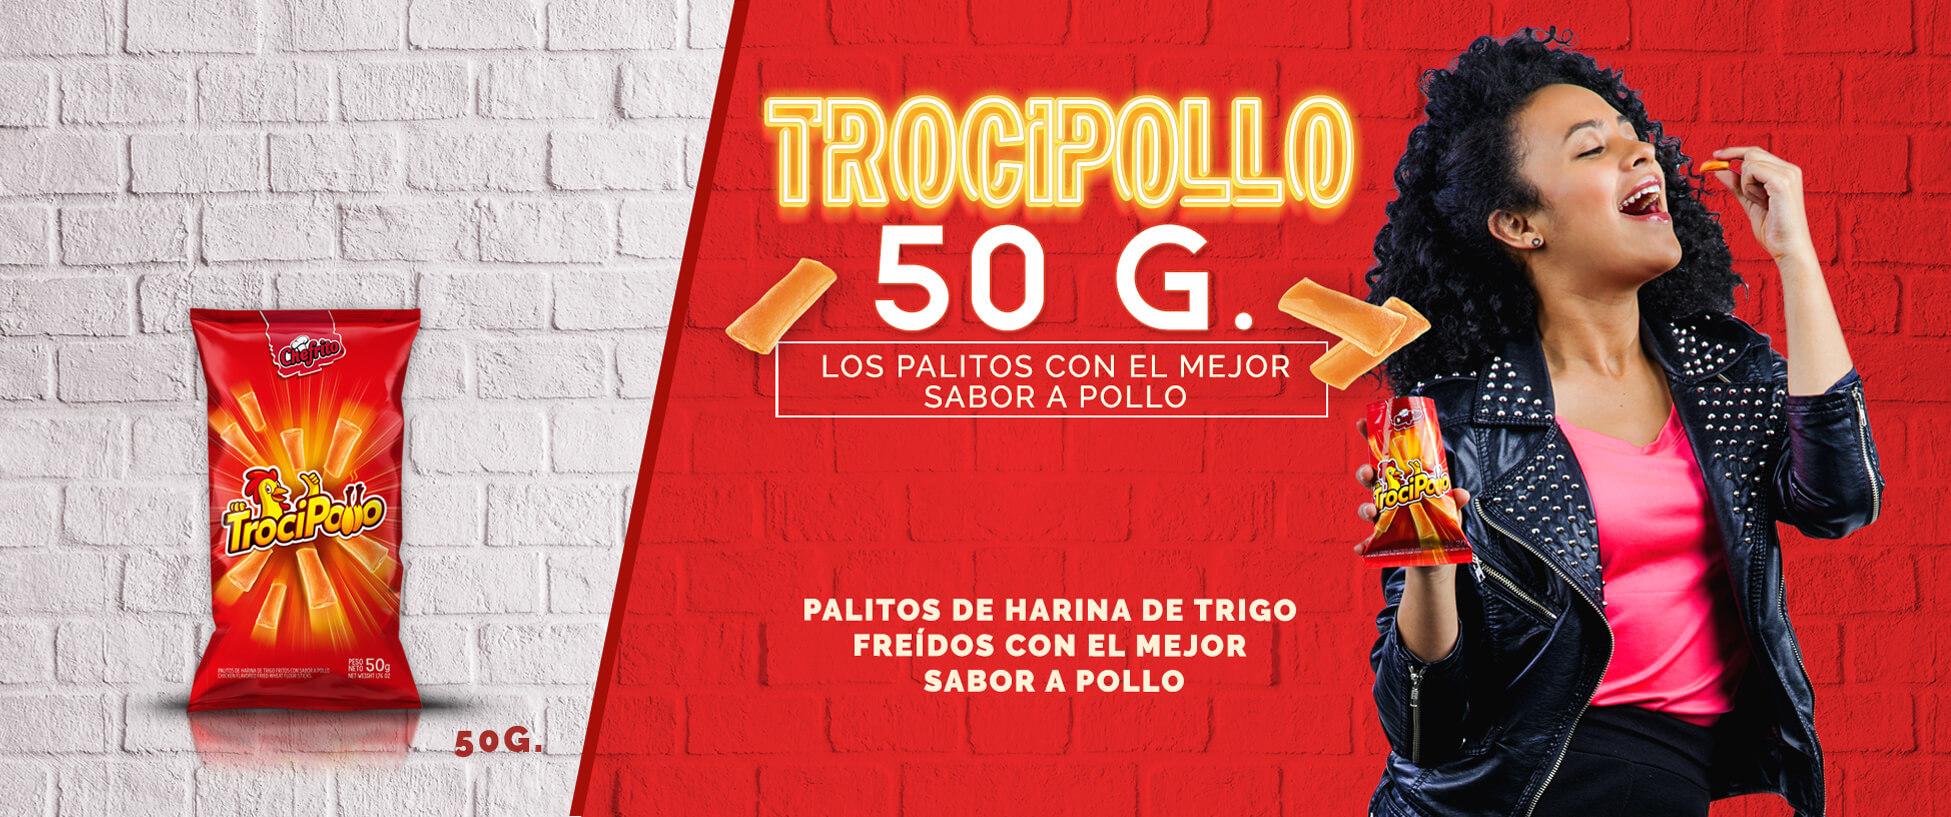 Trocipollo50